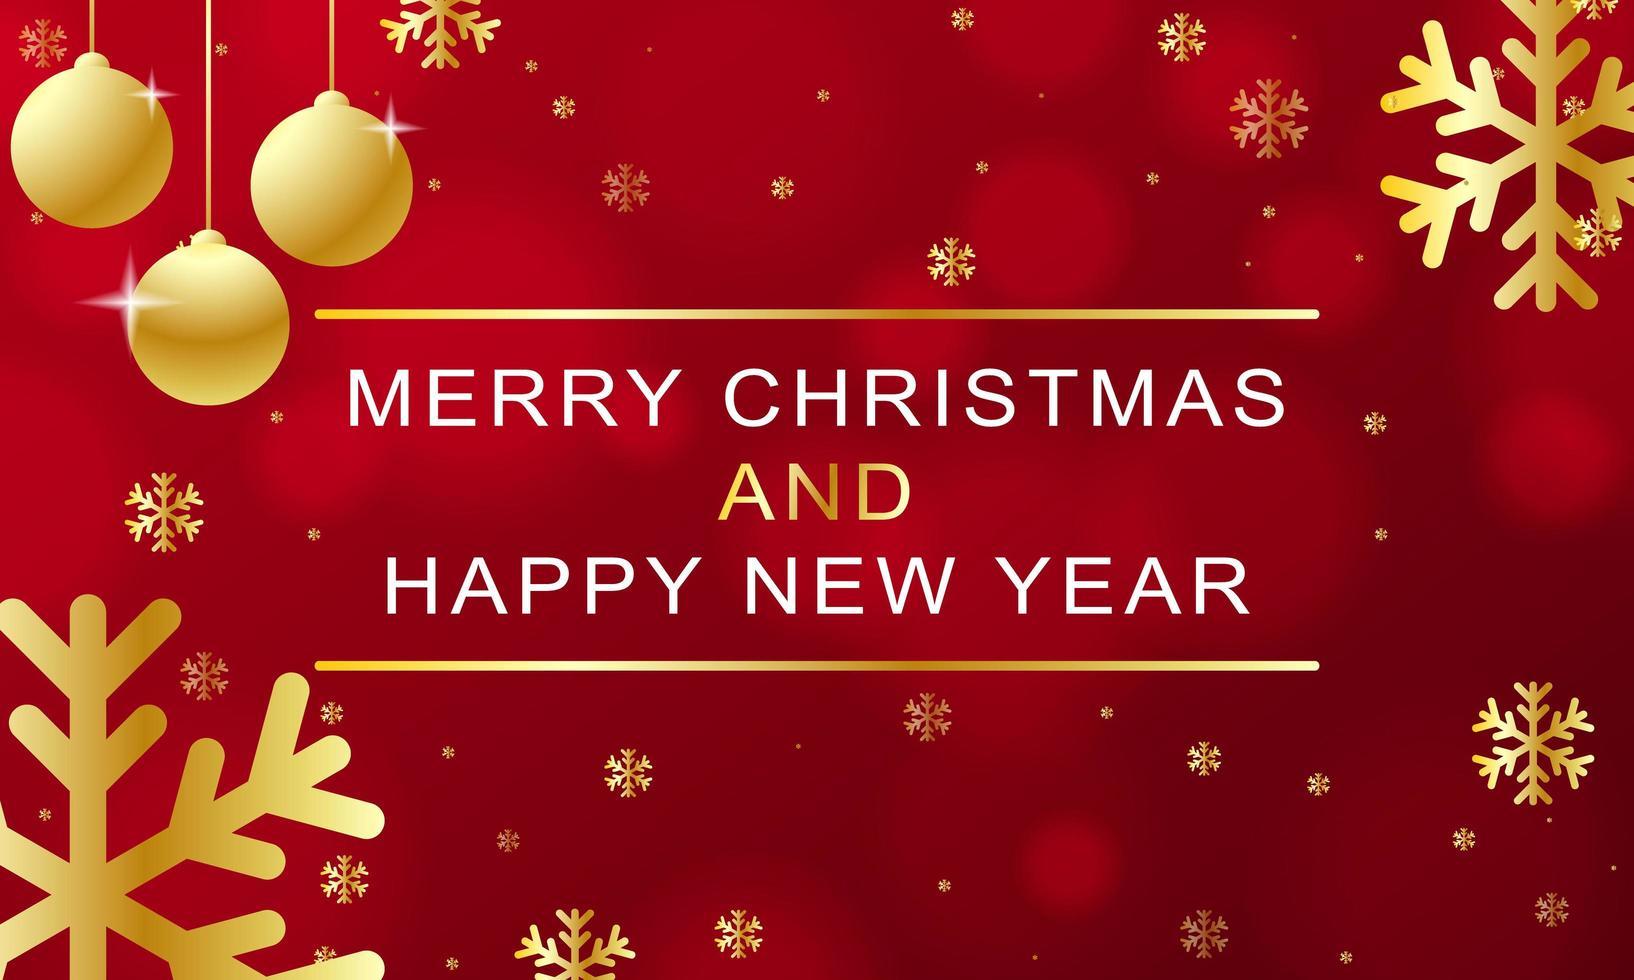 conception de noël et nouvel an avec des éléments dorés vecteur